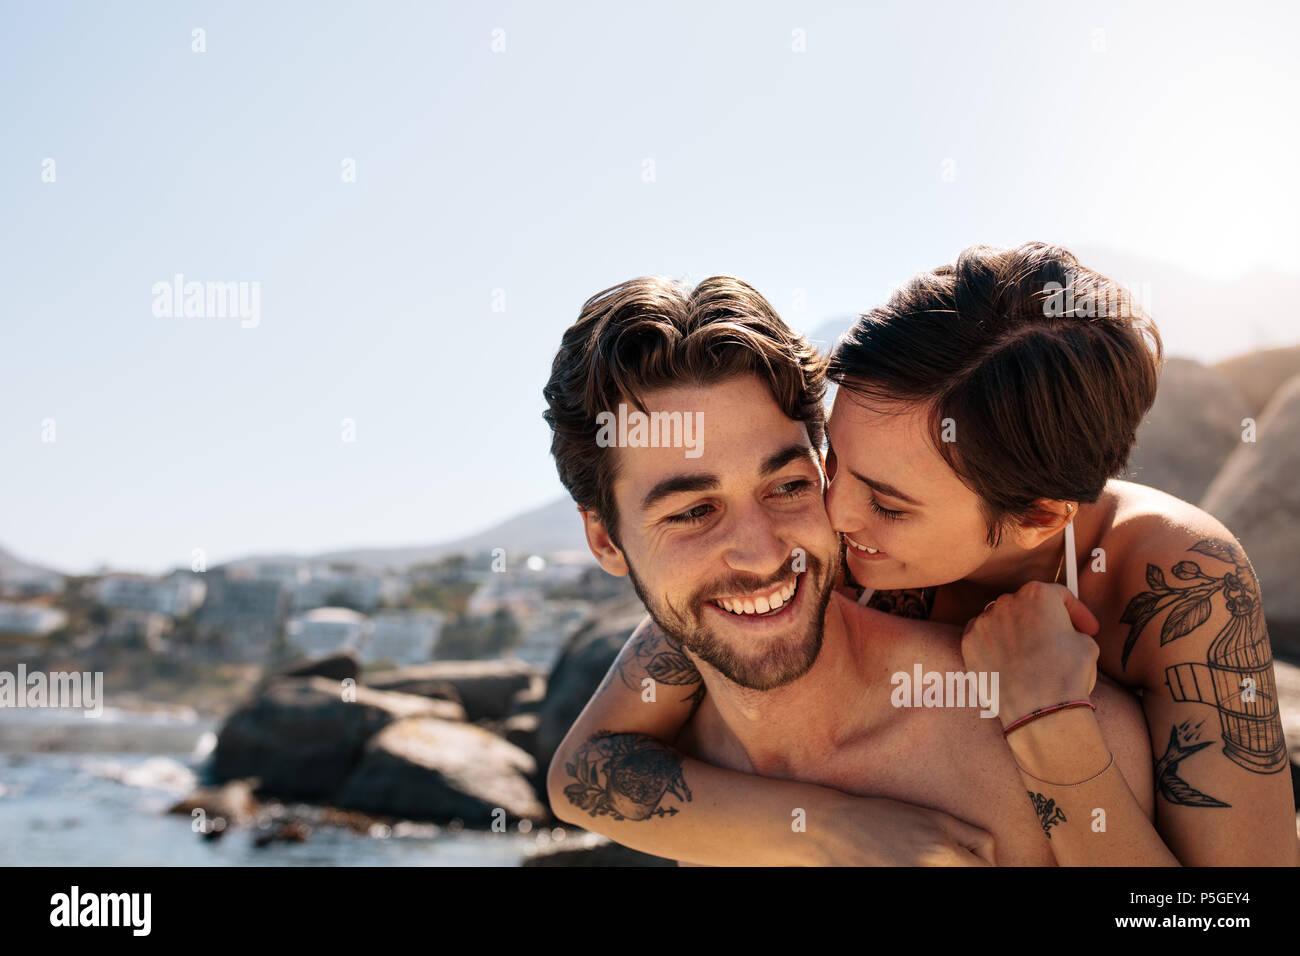 Woman having fun riding piggy back sur l'homme à la plage. Couple de touristes dans une bonne humeur romantique et profiter de vacances. Photo Stock